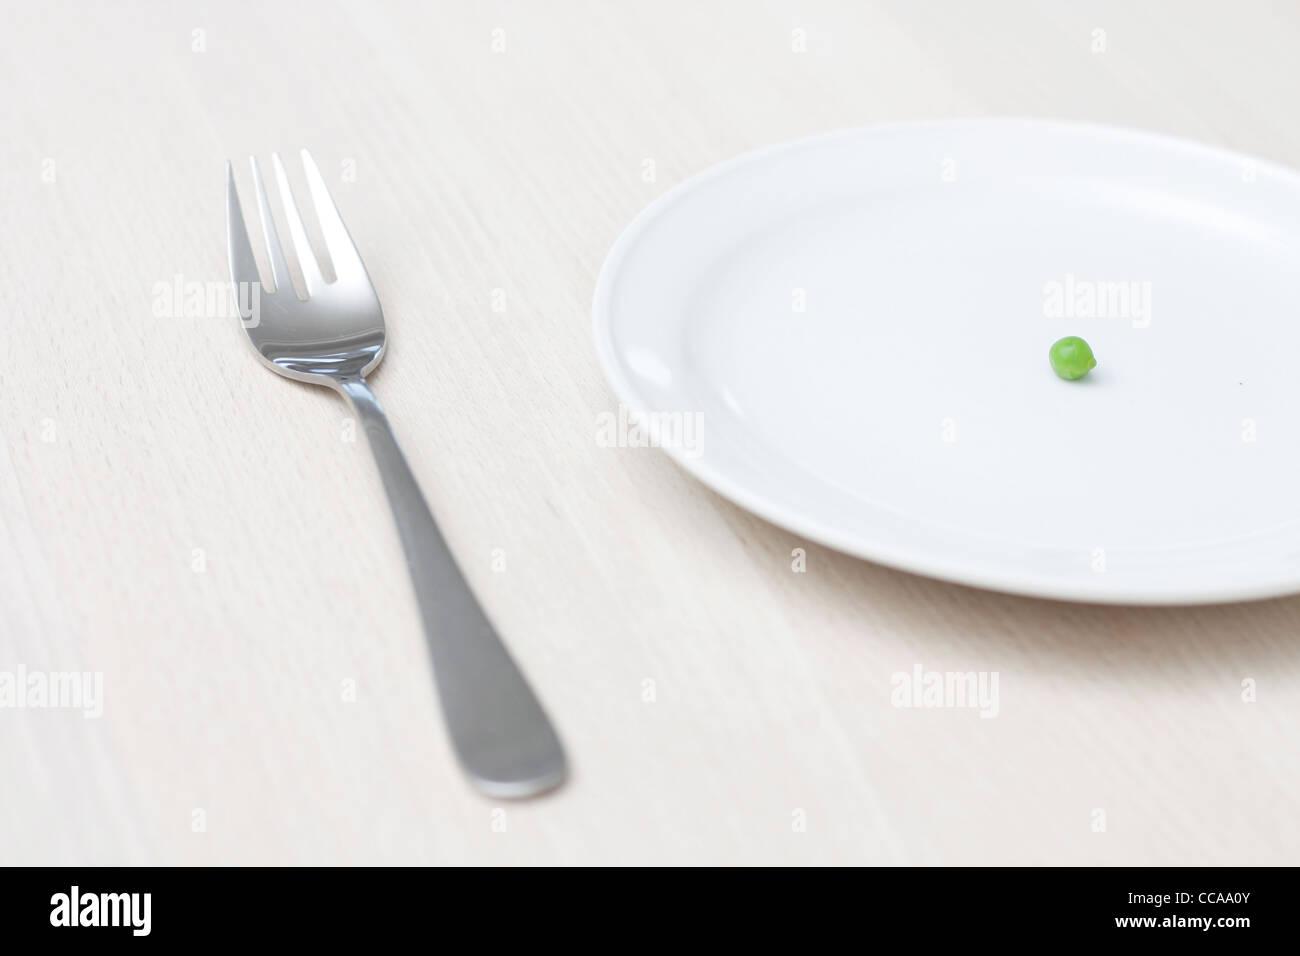 Un seul pea sur une plaque Photo Stock